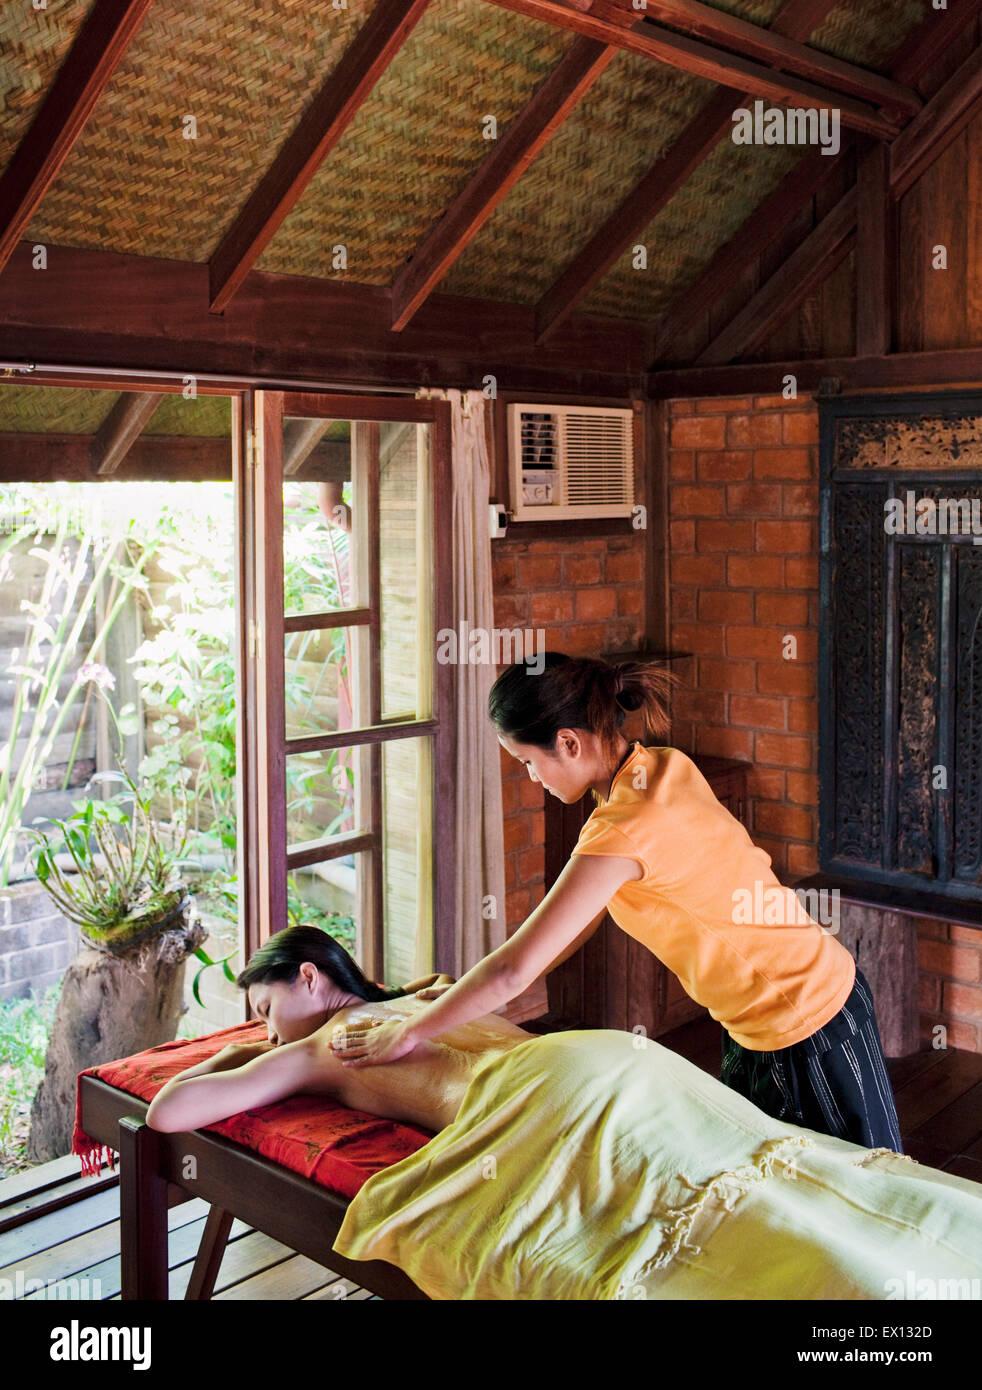 A woman receives a Papaya Scrub at Papaya Spa in Vientiane, Laos. - Stock Image